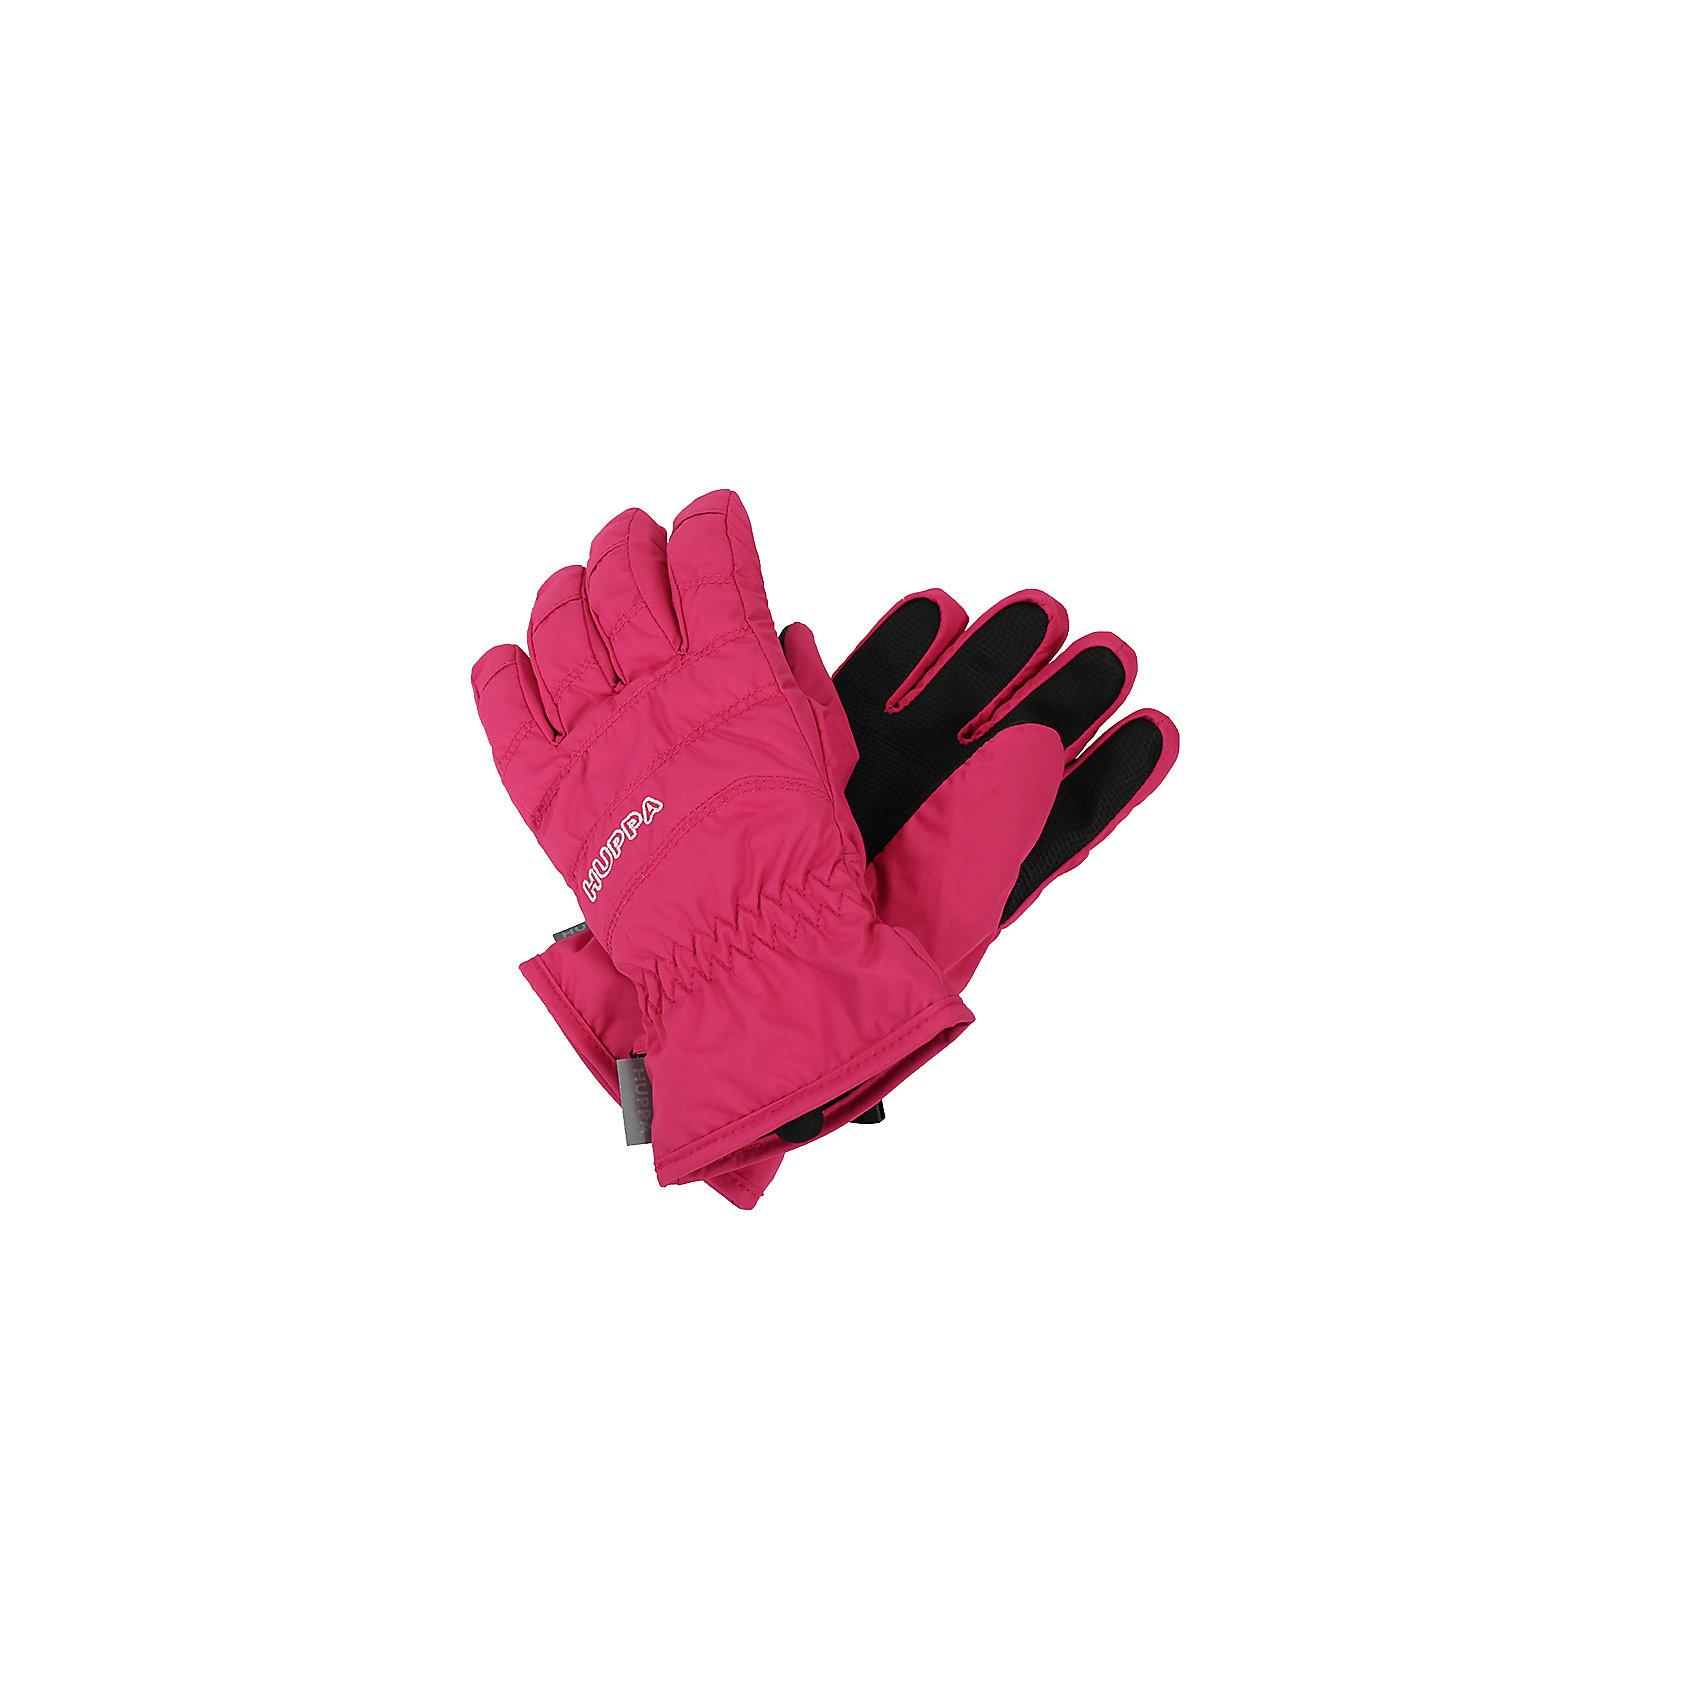 Перчатки Huppa RadfordПерчатки, варежки<br>Характеристики товара:<br><br>• модель: Radford;<br>• цвет: розовый;<br>• состав: 100% полиэстер; <br>• подкладка: 100% полиэстер, флис;<br>• утеплитель: синтетический пух;<br>• сезон: зима;<br>• температурный режим: от 0°С до -20°С;<br>• водонепроницаемость: 5000 мм;<br>• воздухопроницаемость: 5000 мм;<br>• водо- и ветронепроницаемый, дышащий материал;<br>• усиленная вставка на ладони;<br>• светоотражающие детали;<br>• страна бренда: Финляндия;<br>• страна изготовитель: Эстония.<br><br>Теплые зимние перчатки на флисовой подкладке. Материал водонепроницаем, что позволит сохранить ручки сухими. Перчатки с усилением на ладони.<br><br>Перчатки Huppa Radford (Хуппа) можно купить в нашем интернет-магазине.<br><br>Ширина мм: 162<br>Глубина мм: 171<br>Высота мм: 55<br>Вес г: 119<br>Цвет: фуксия<br>Возраст от месяцев: 108<br>Возраст до месяцев: 132<br>Пол: Унисекс<br>Возраст: Детский<br>Размер: 8,4,6<br>SKU: 7024218